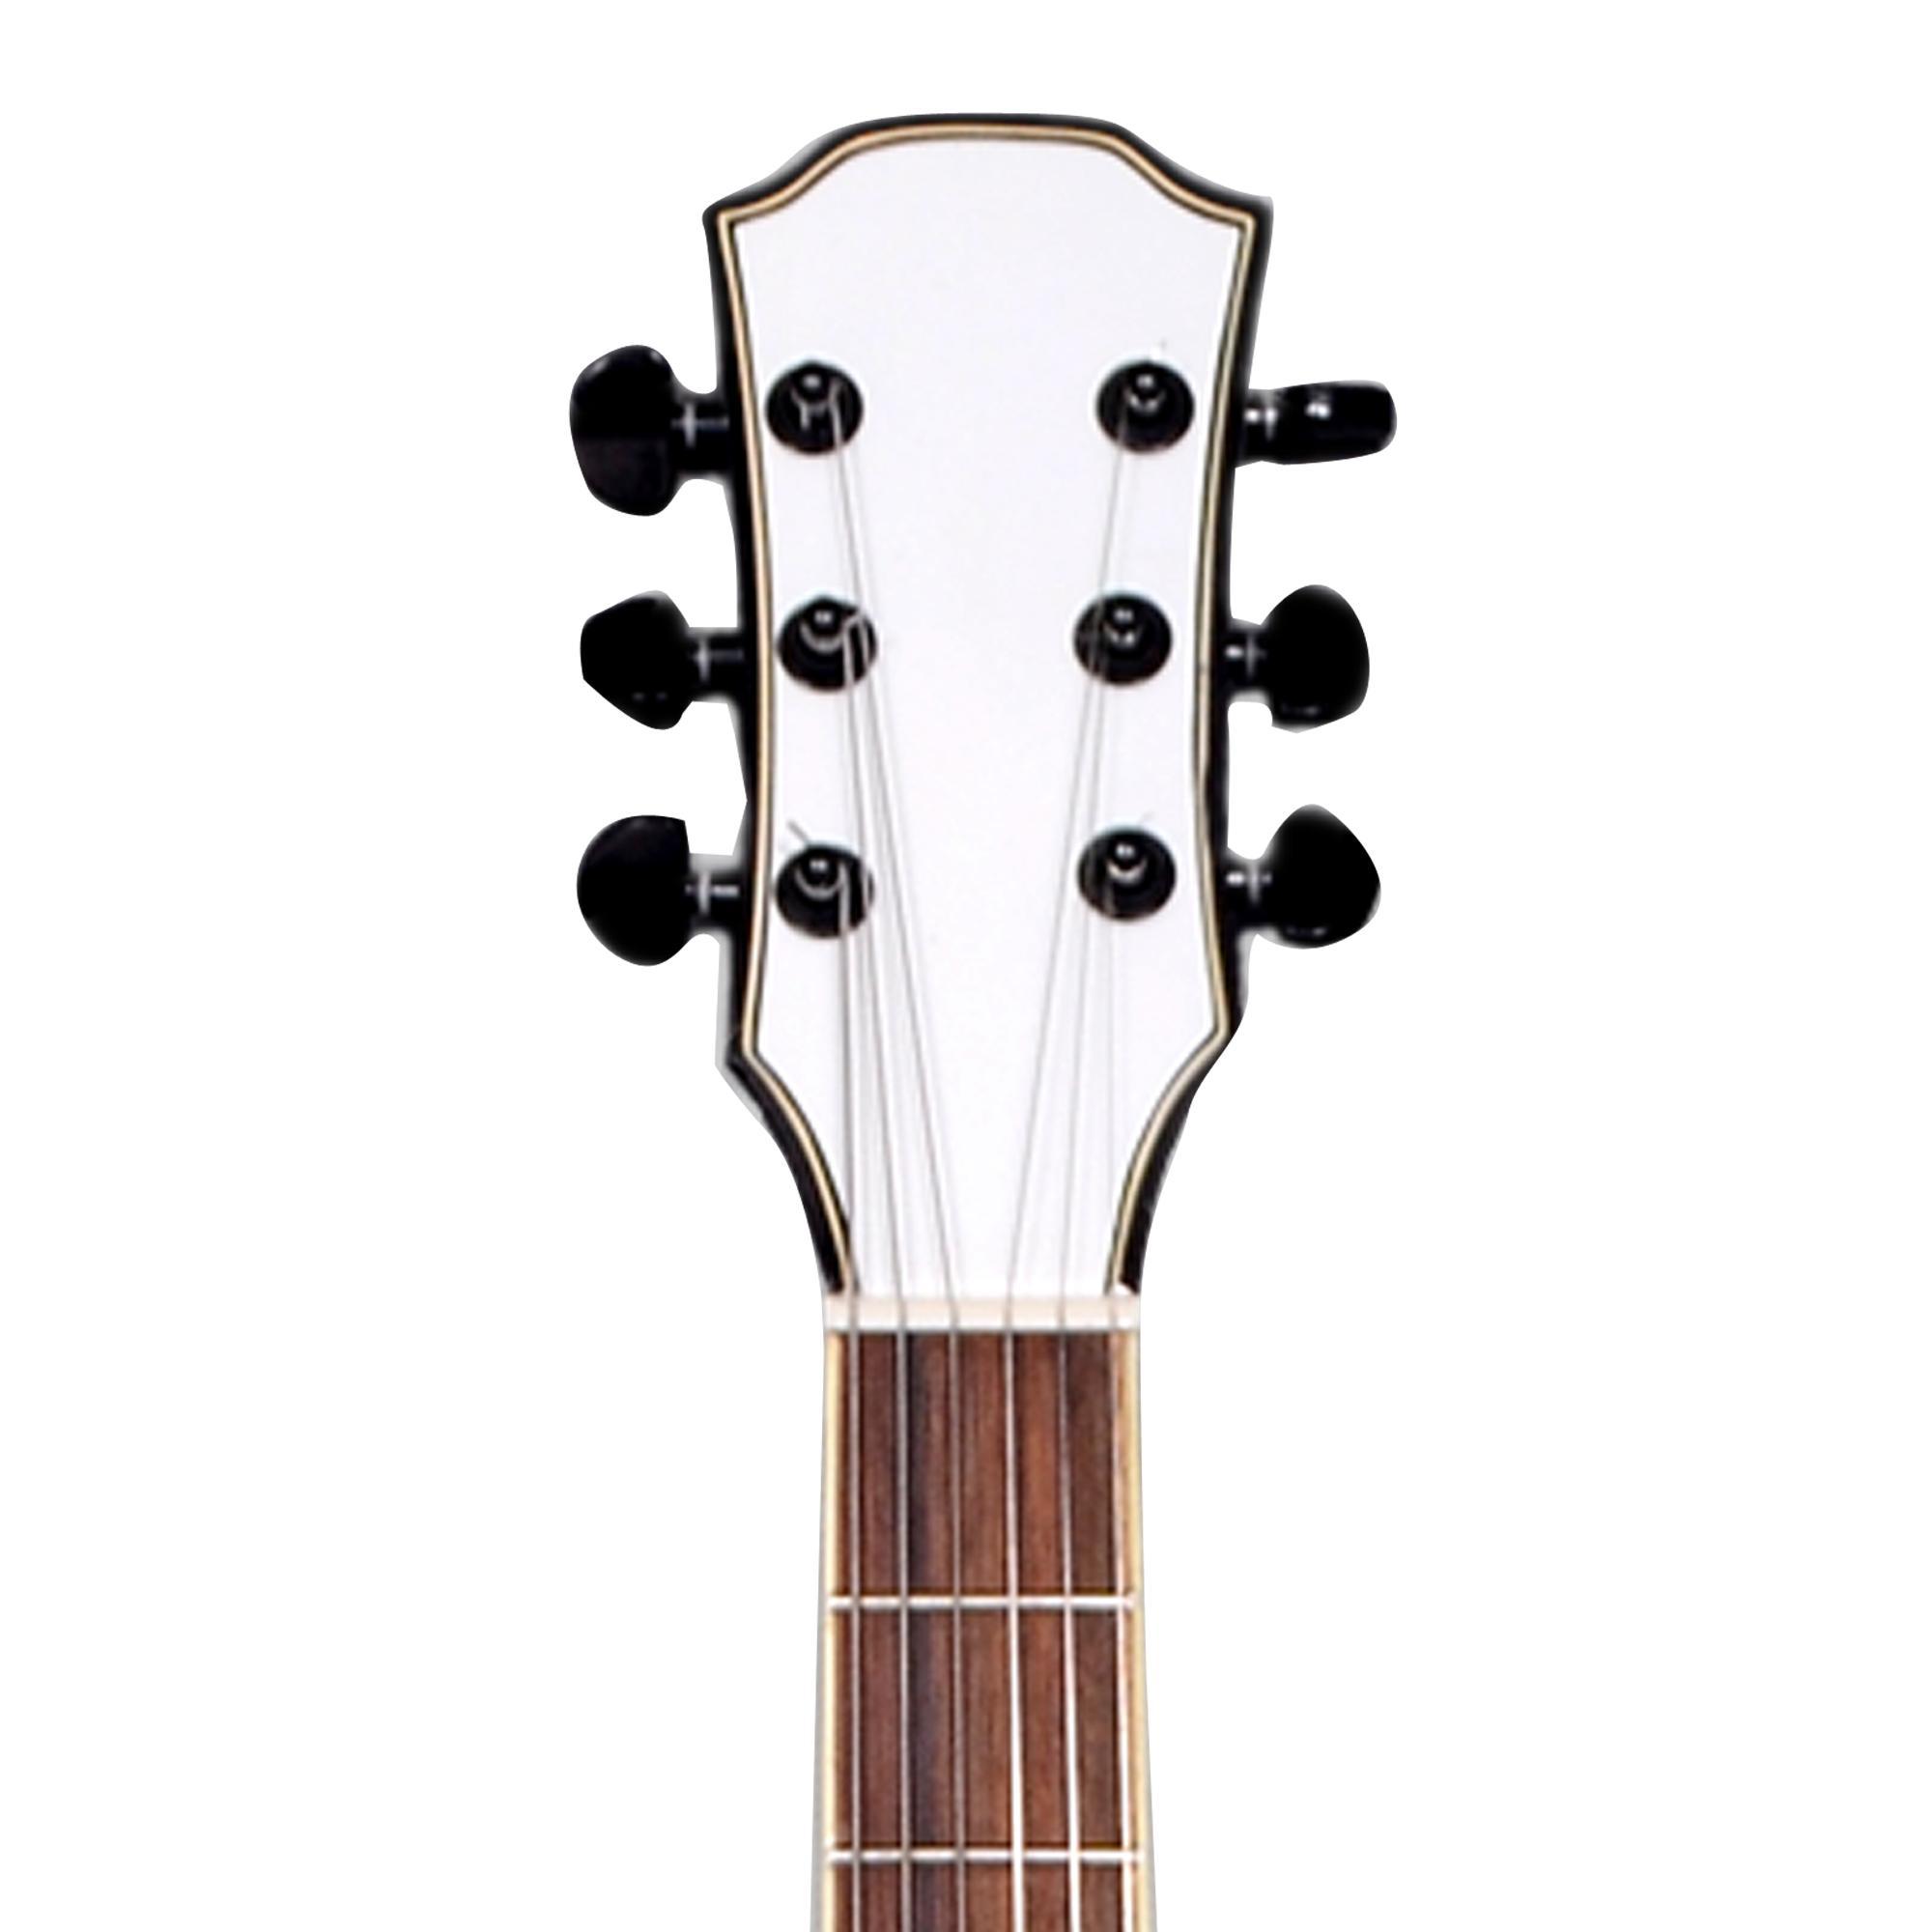 Aksi Fang Tali Pengukur Penggaris Untuk Mengukur Luthier Panduan Strap Gitar Bass Bonus Pick Rock You S 1009b Sabuk Akustik Elektrik High Quality 5